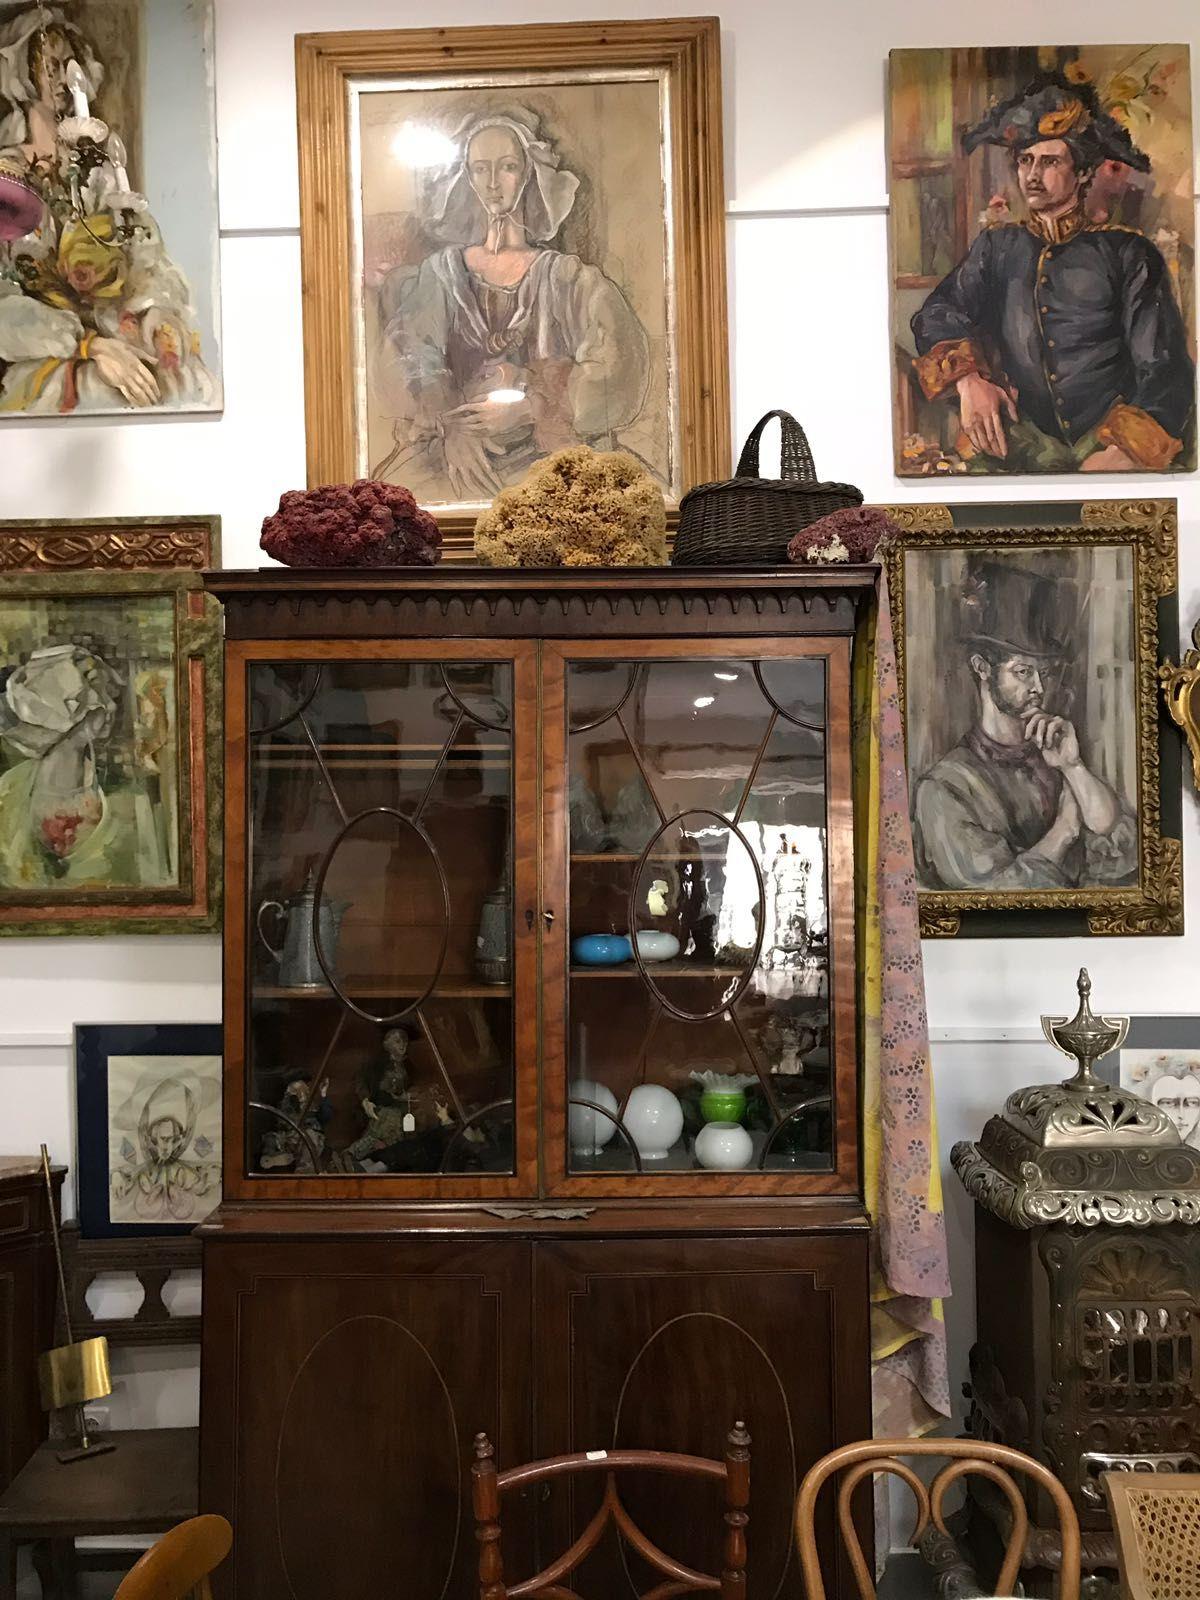 Foto 14 de Galerías de arte y salas de exposiciones en Cartagena | Arte & Antigüedades Federico Robles Perez